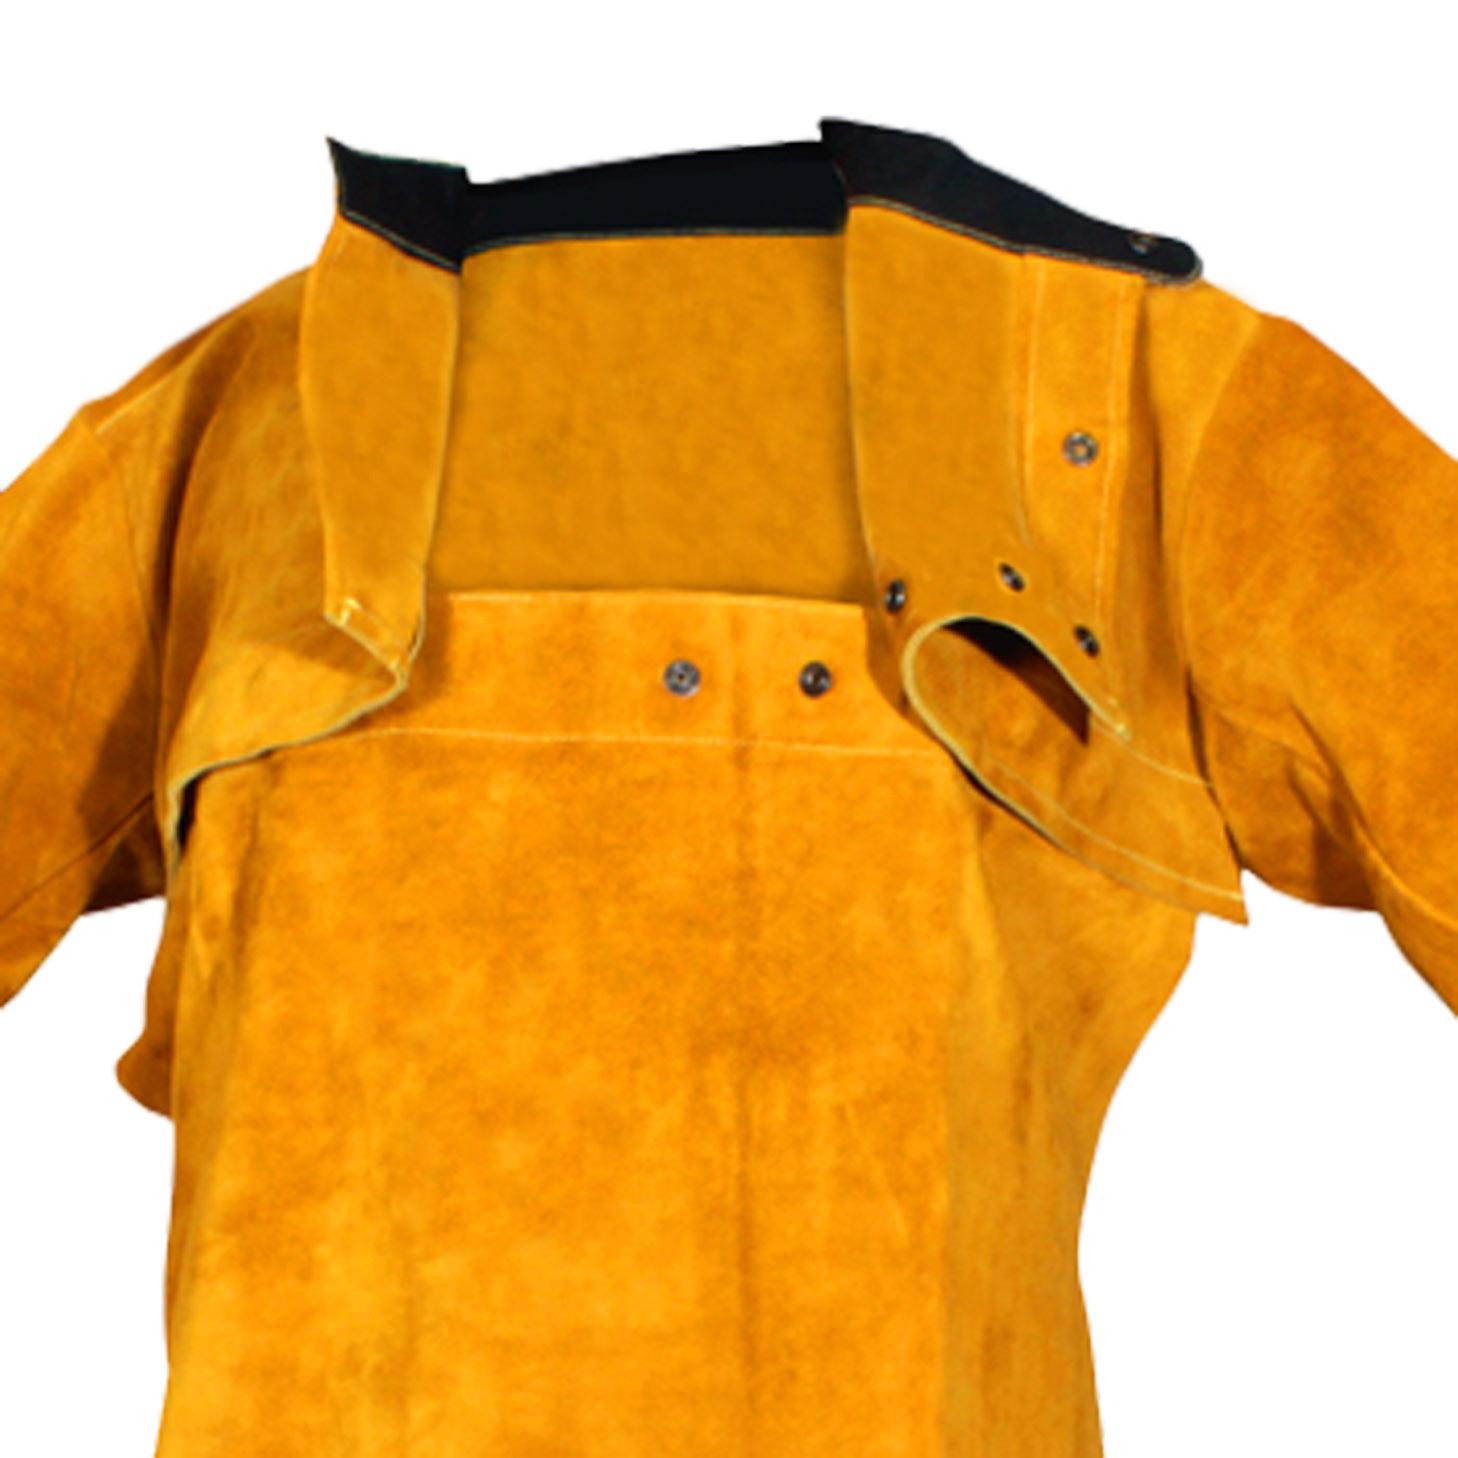 Cow Split Welder Jacket & Apron